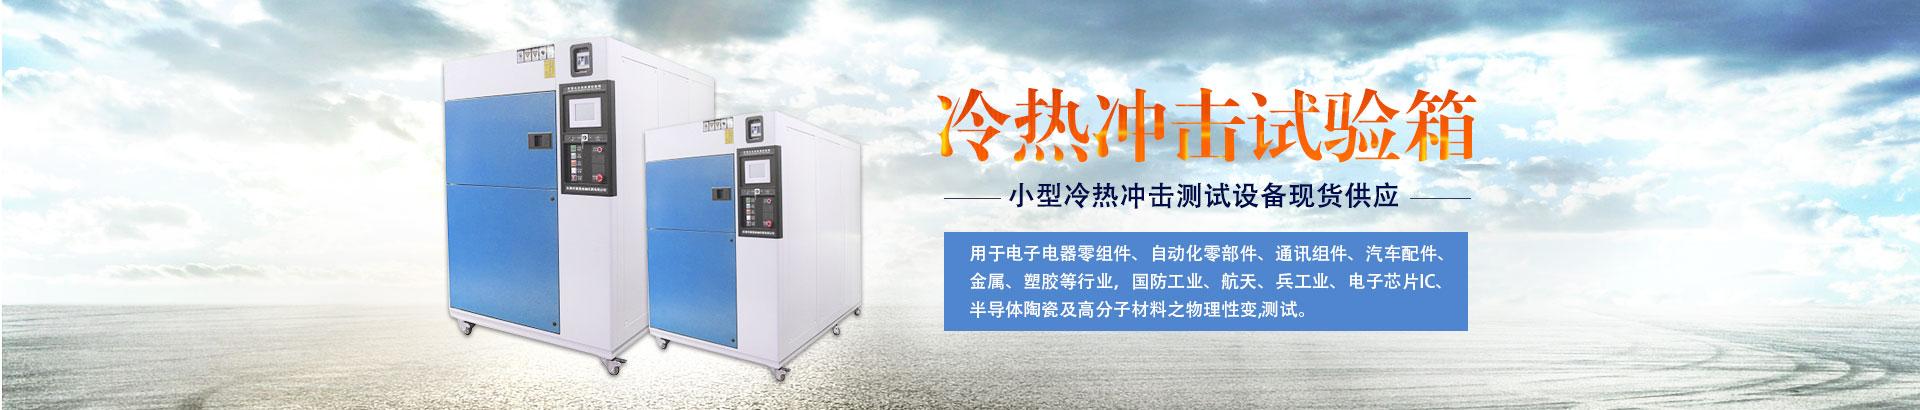 东莞市豪恩检测仪器有限公司企业形象图片